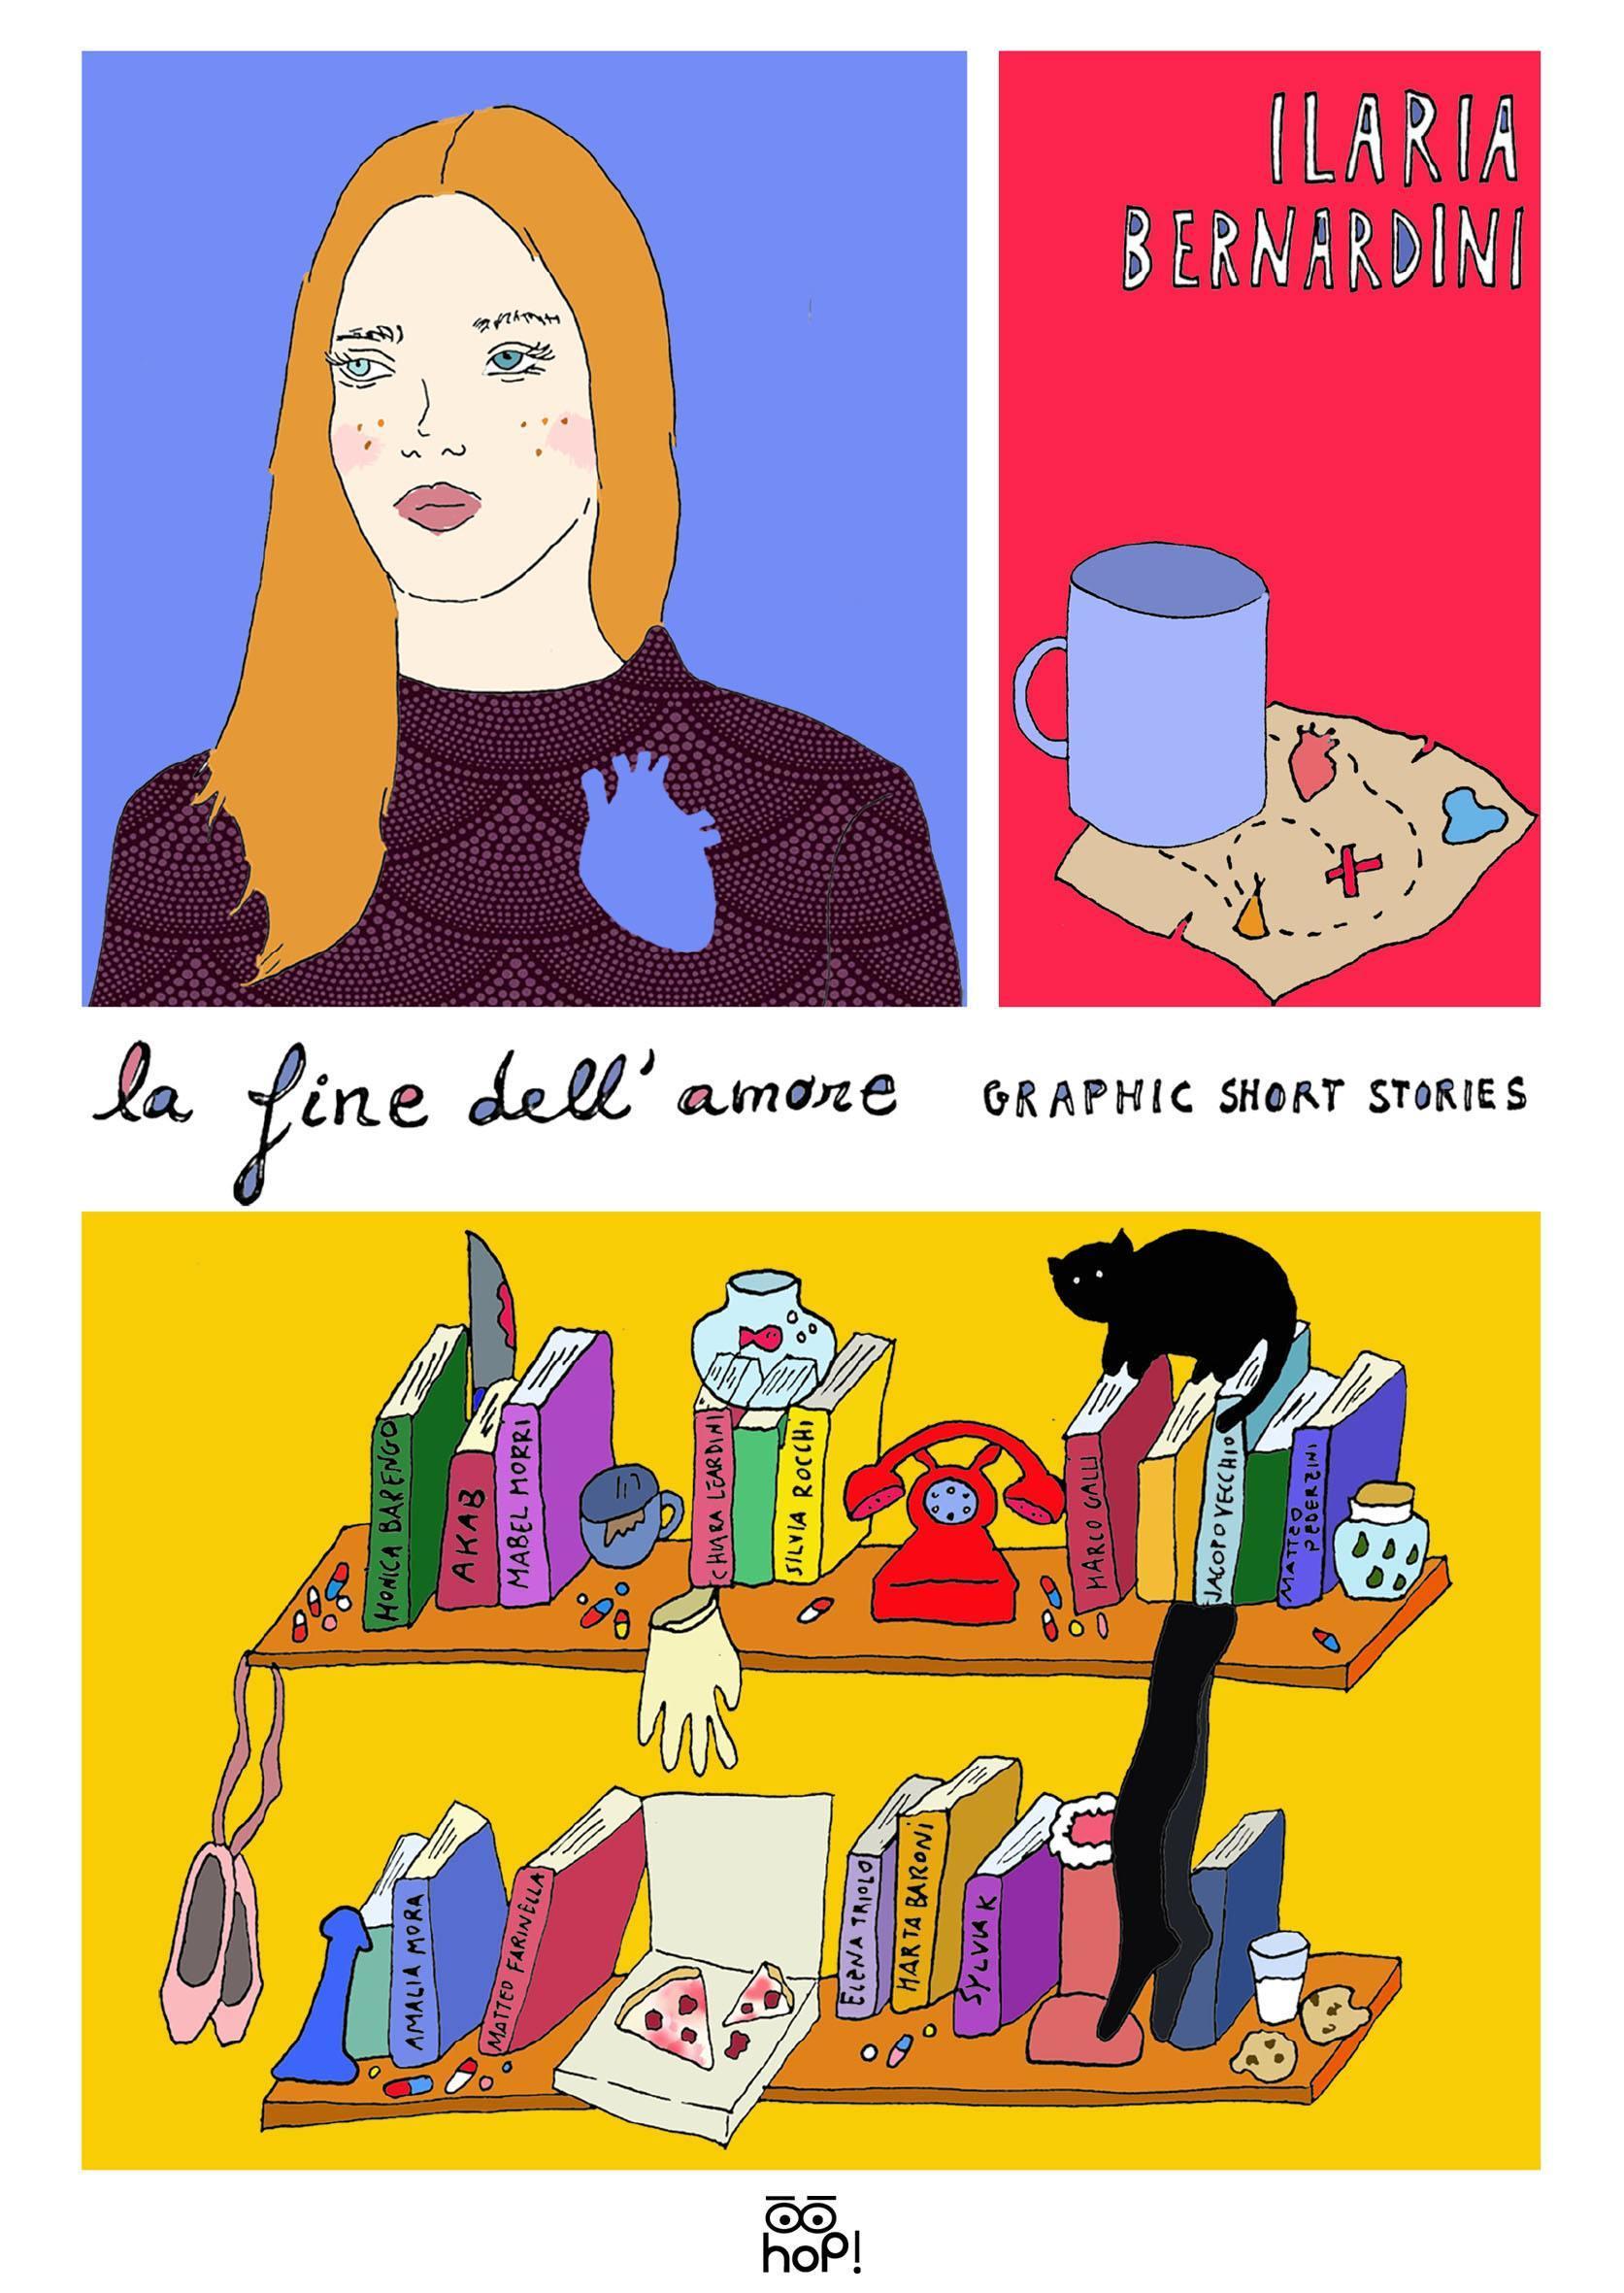 """""""La fine dell'amore"""": tredici graphic short stories per tredici talenti italiani"""